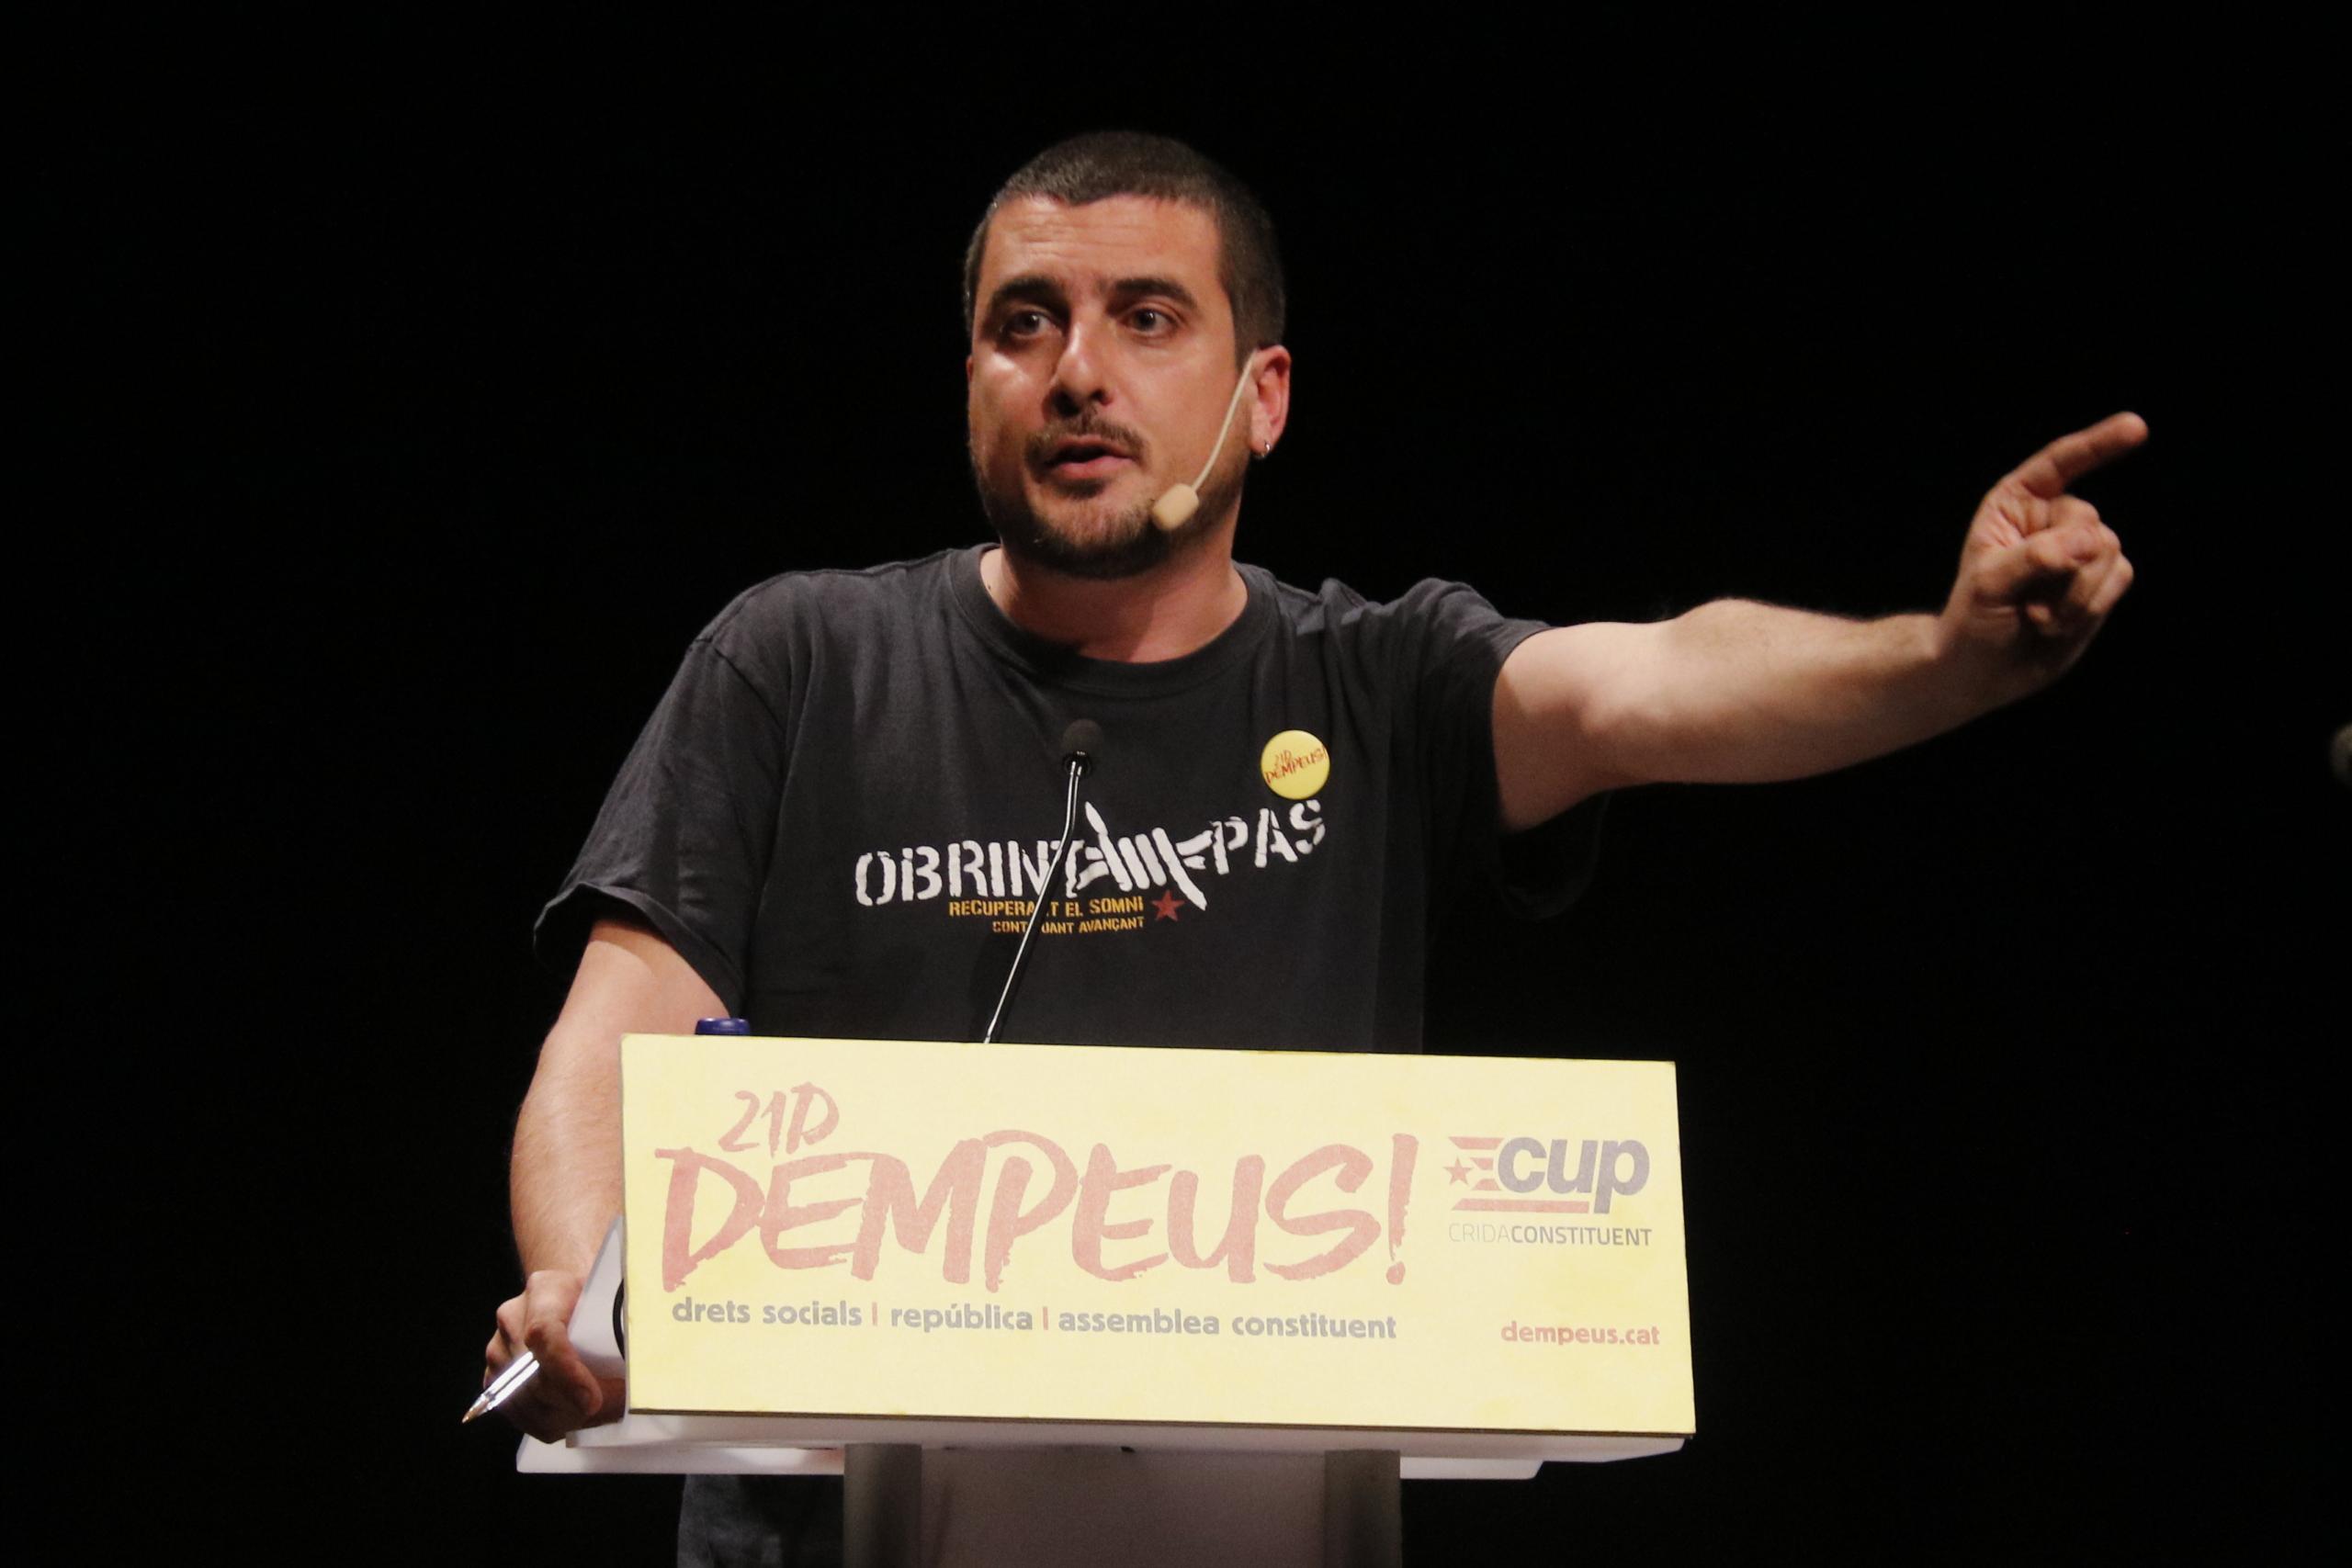 L'exdiputat de la CUP Quim Arrufat, en una imatge d'arxiu, durant el míting dels cupaires a Vilanova i la Geltrú, el 13 de desembre de 2017 / ACN